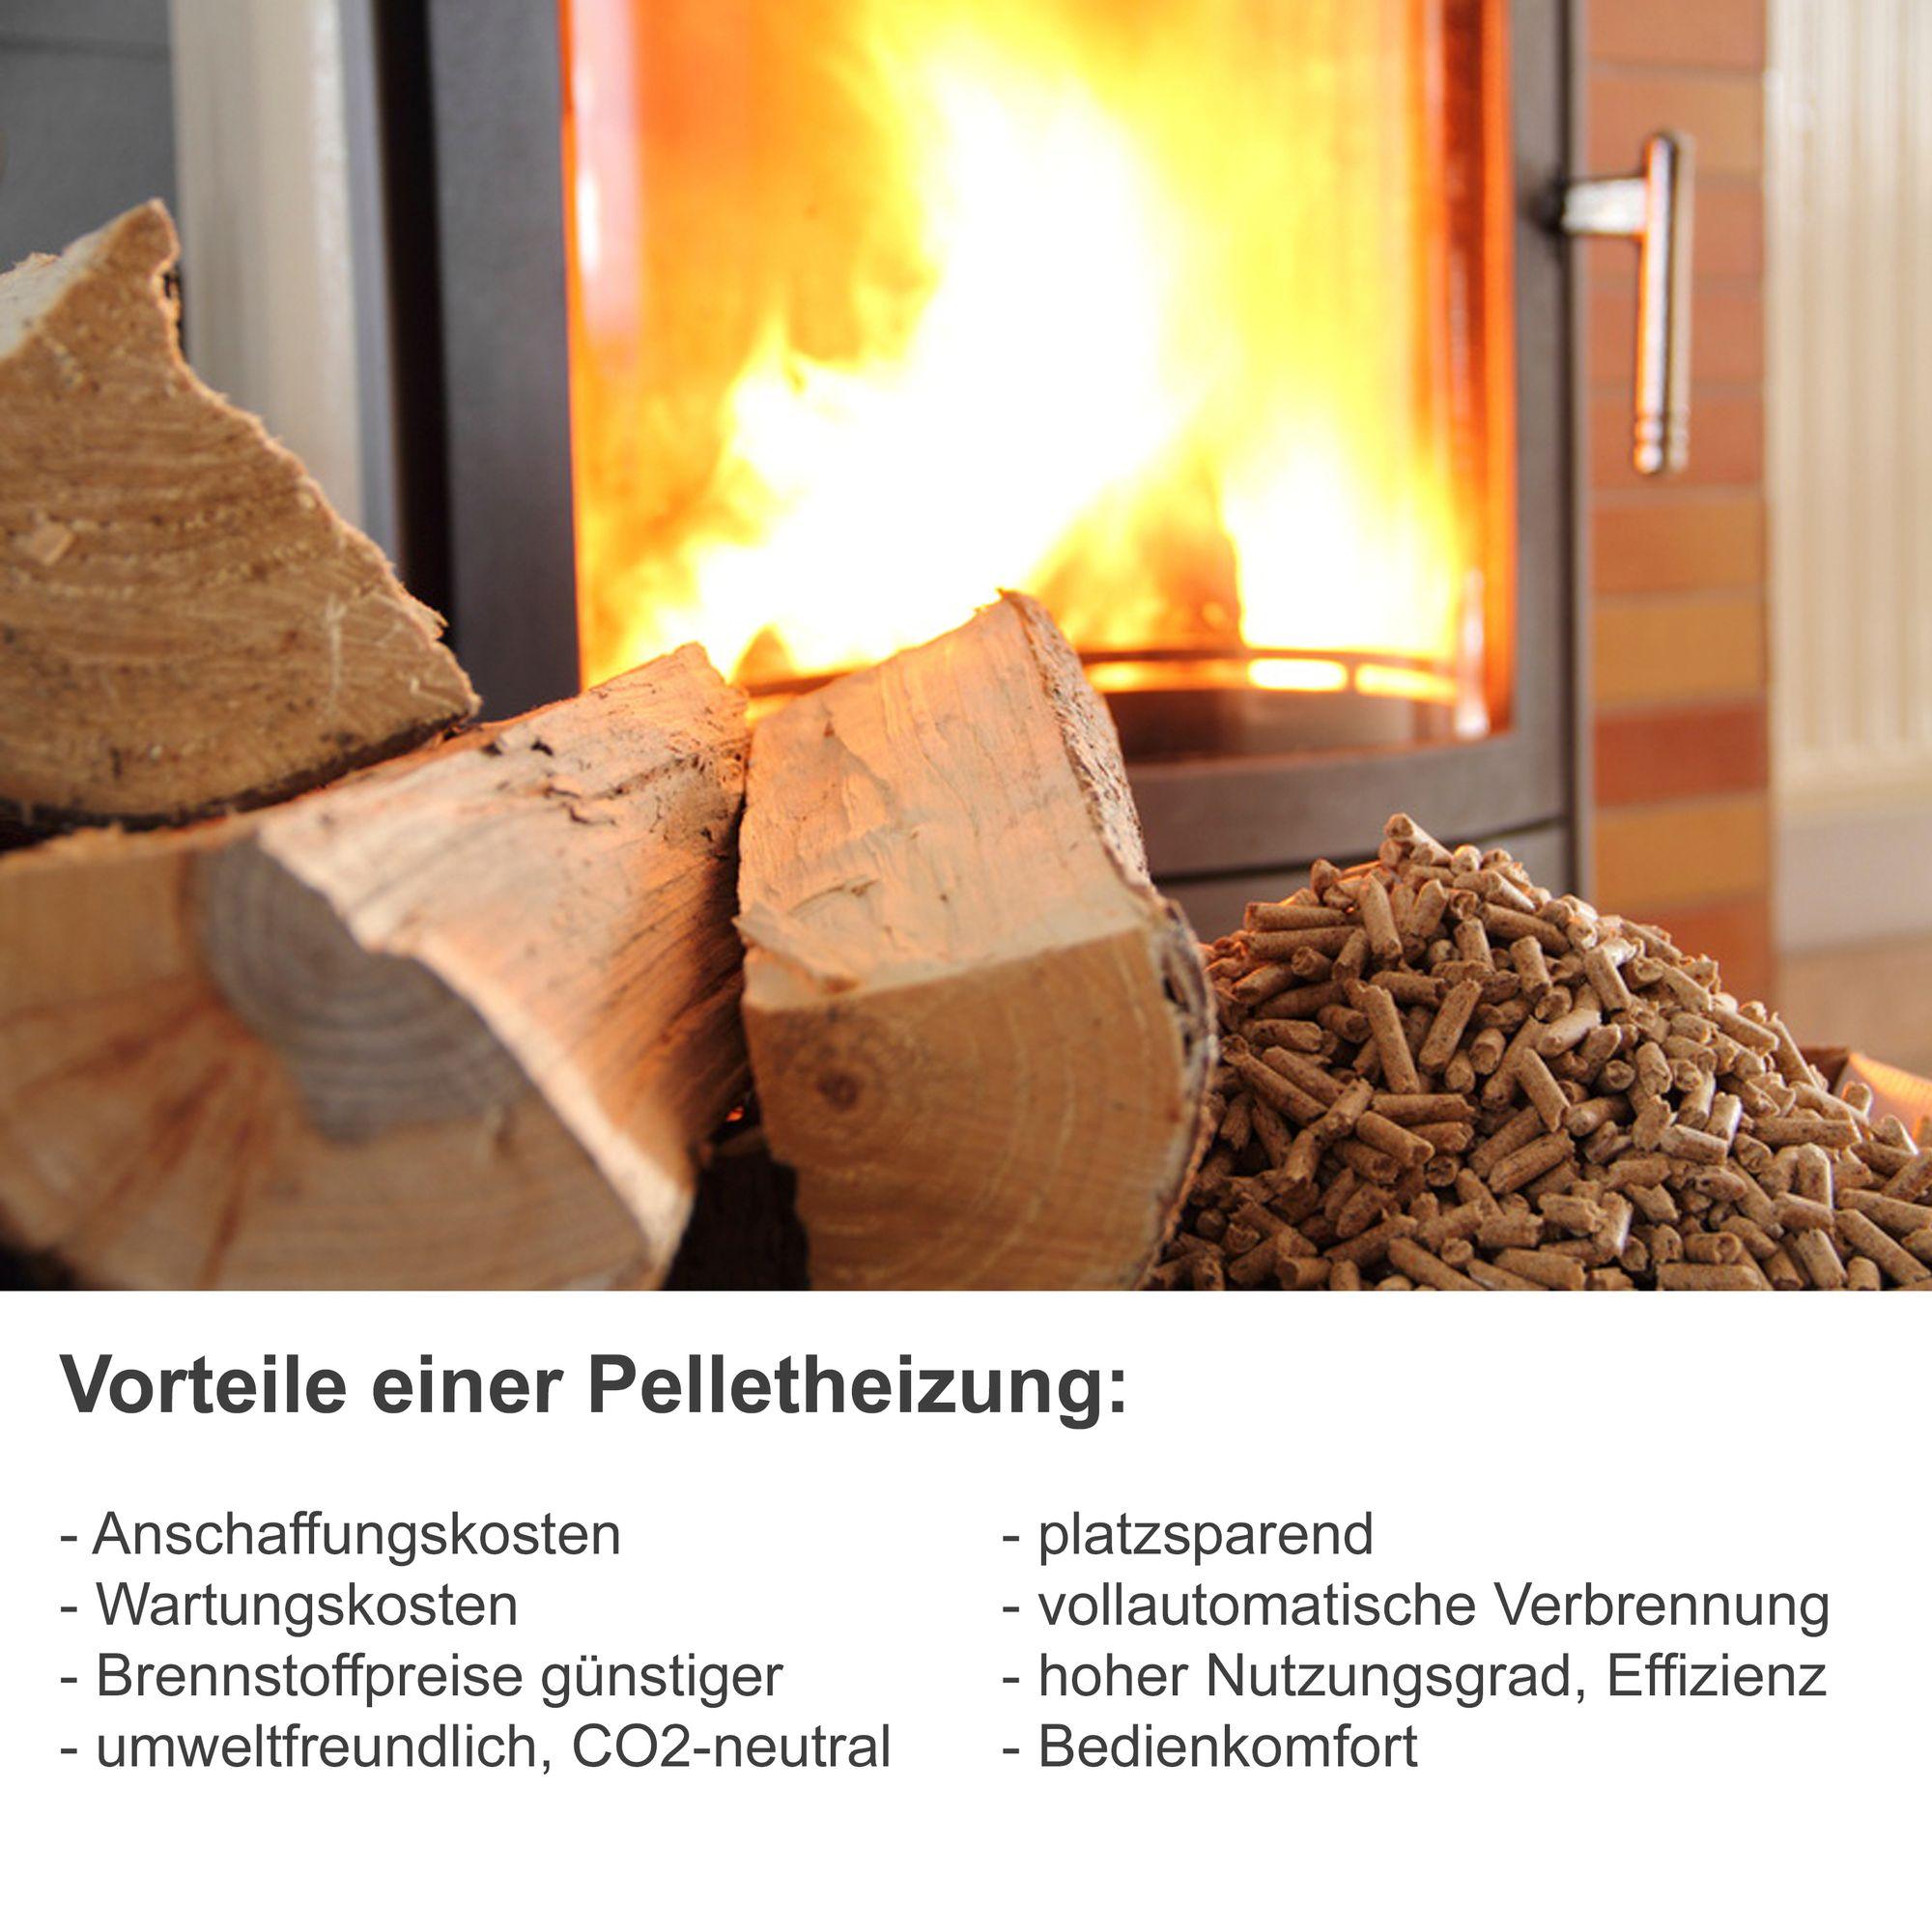 Nemaxx P6 Pelletofen Pelletkamin Pelletkaminofen 6 kW Kaminofen Heizofen Pellet Ofen Kamin Pelletheizung Heizung - Rot